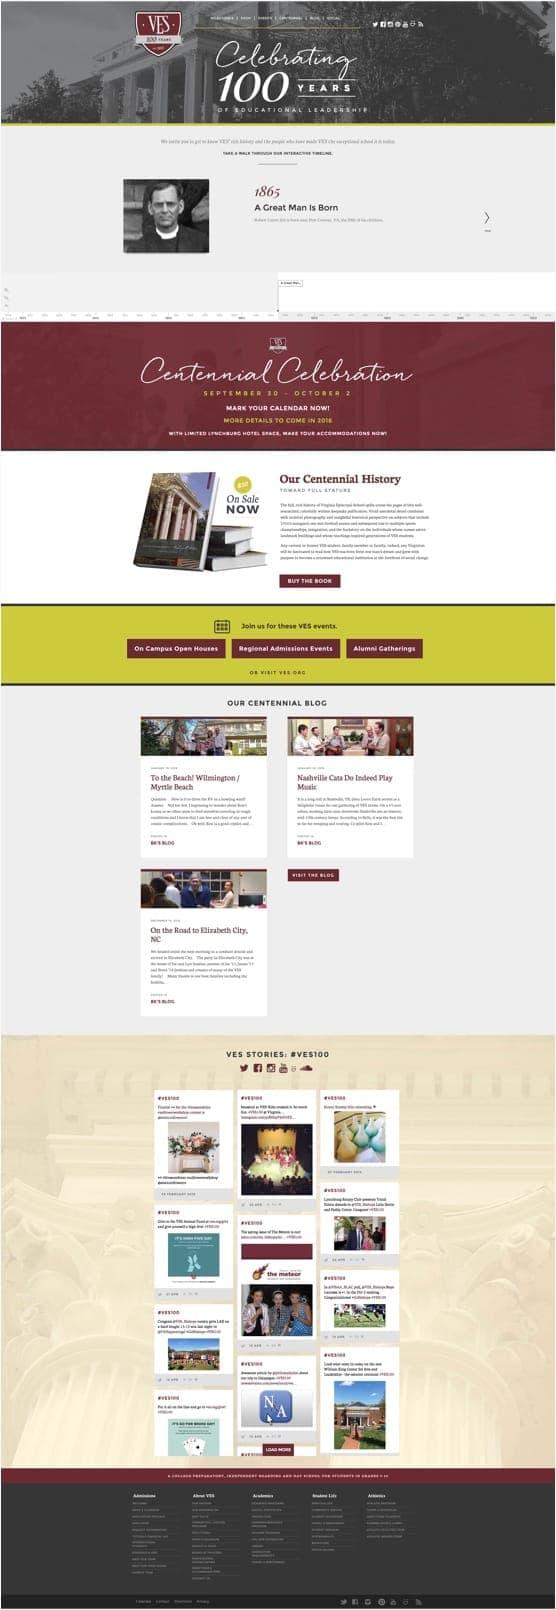 The Virginia Episcopal School website design